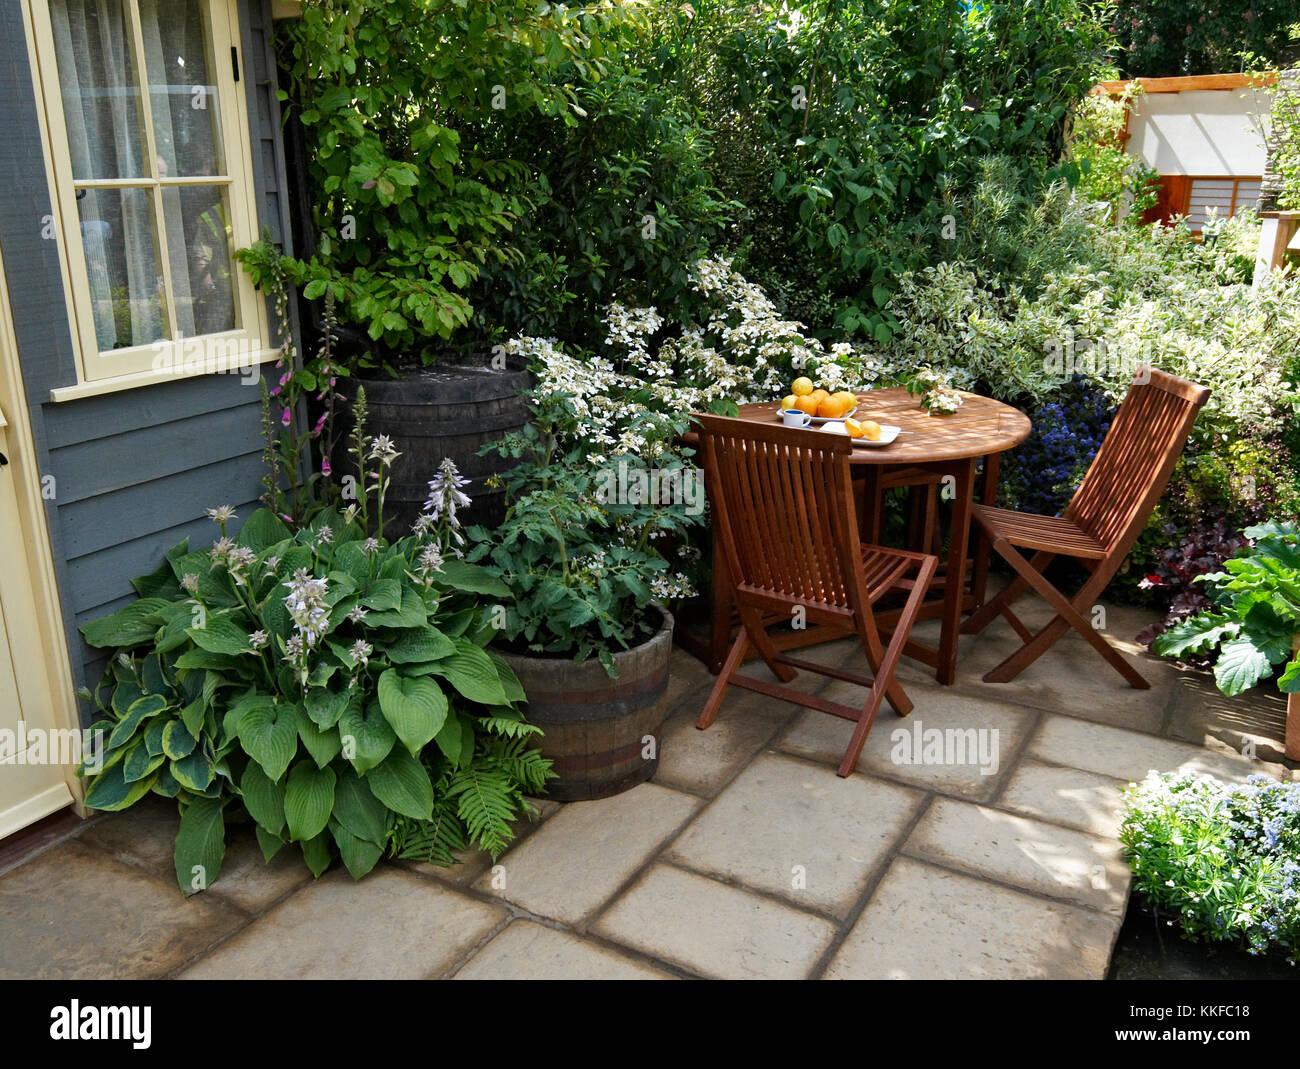 Posti A Sedere In Un Piccolo Patio Urbano Giardino Con Piscina All